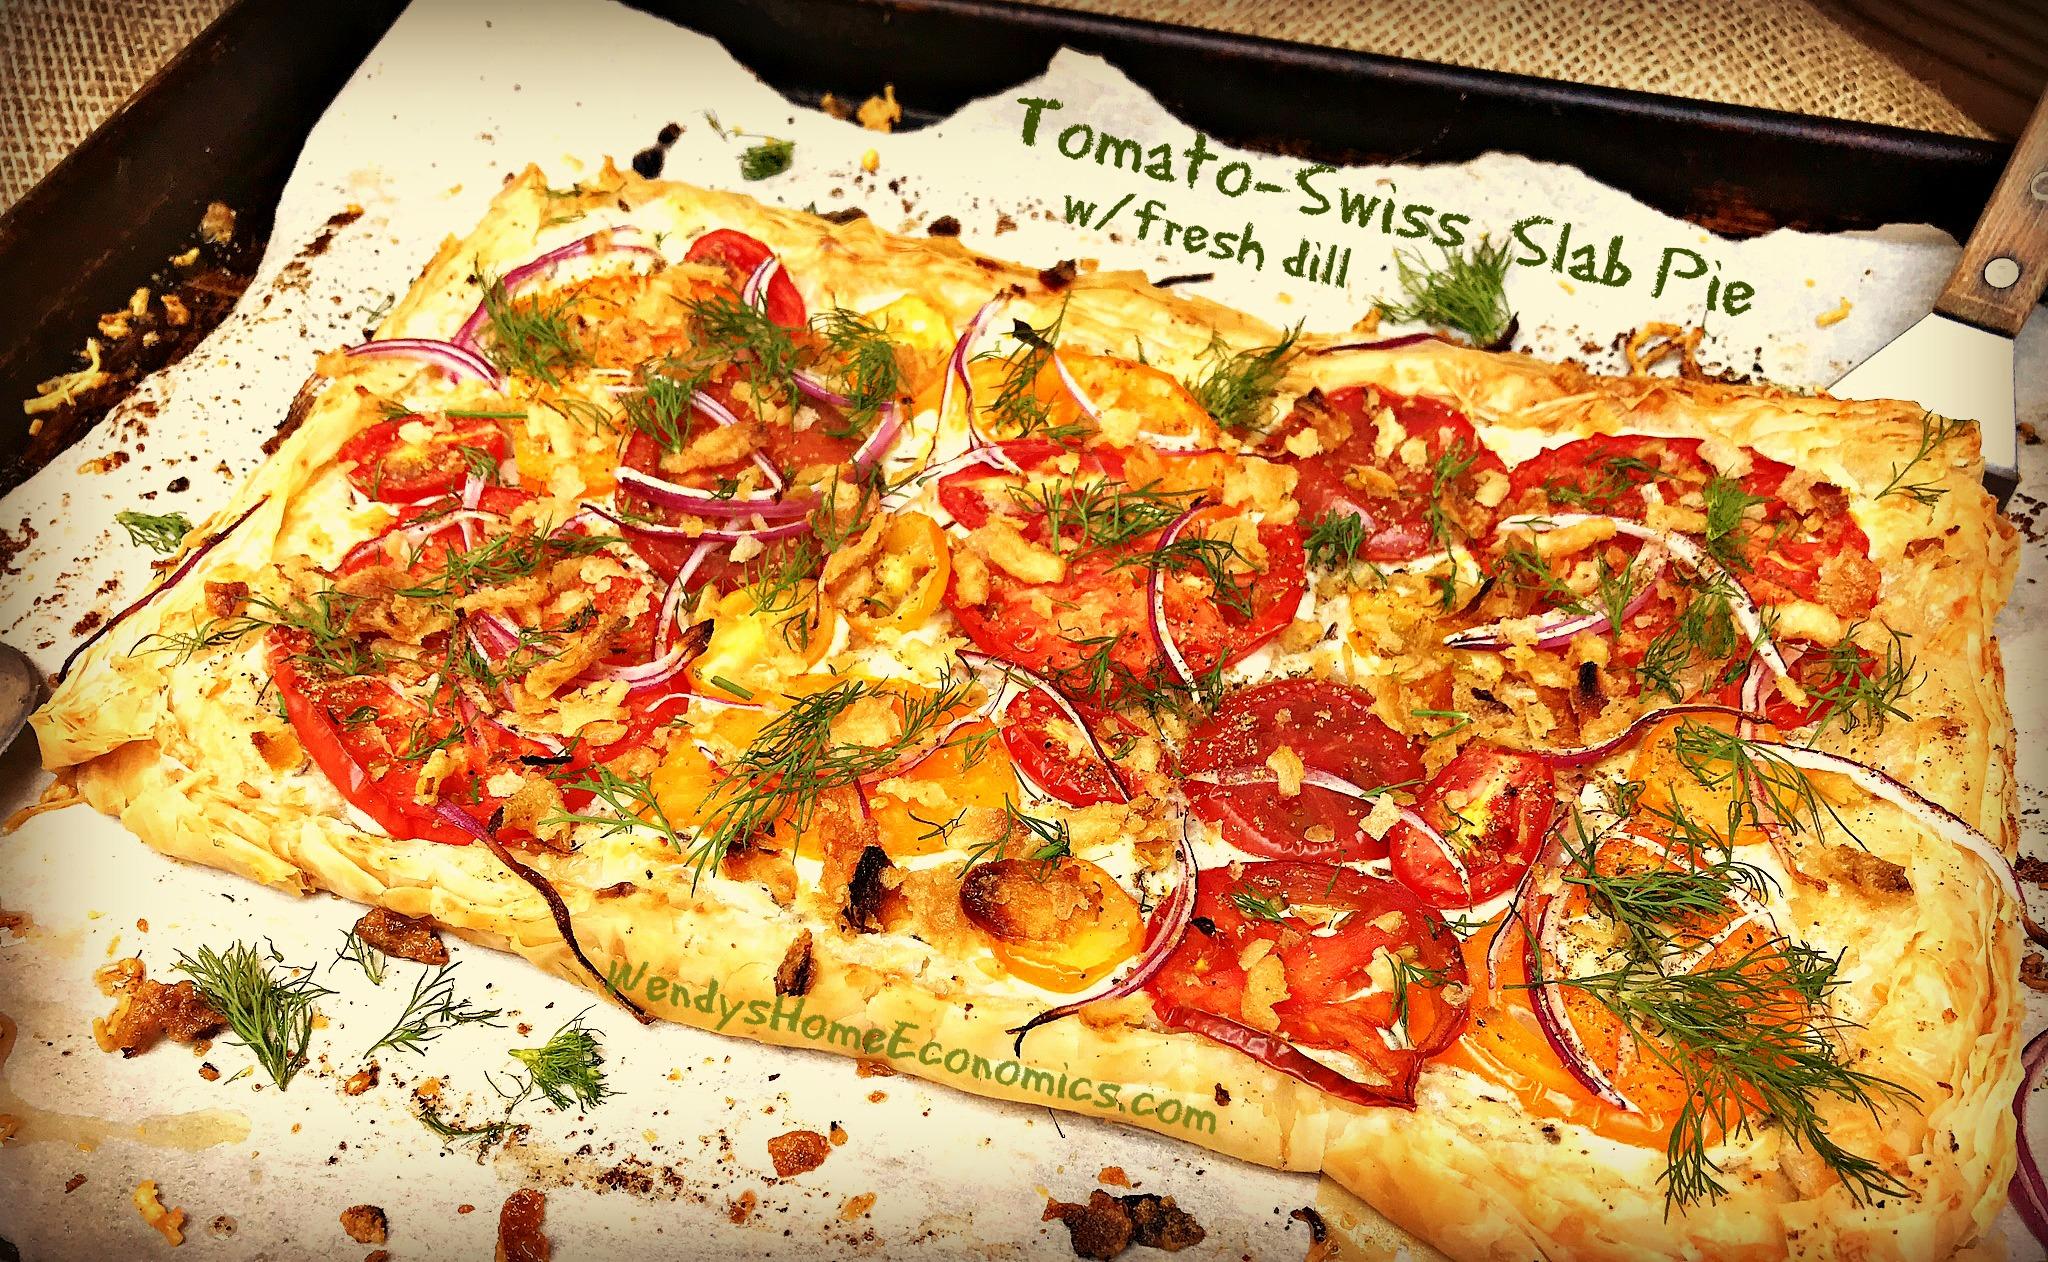 Tomato Swiss Slab Pie with fresh dill